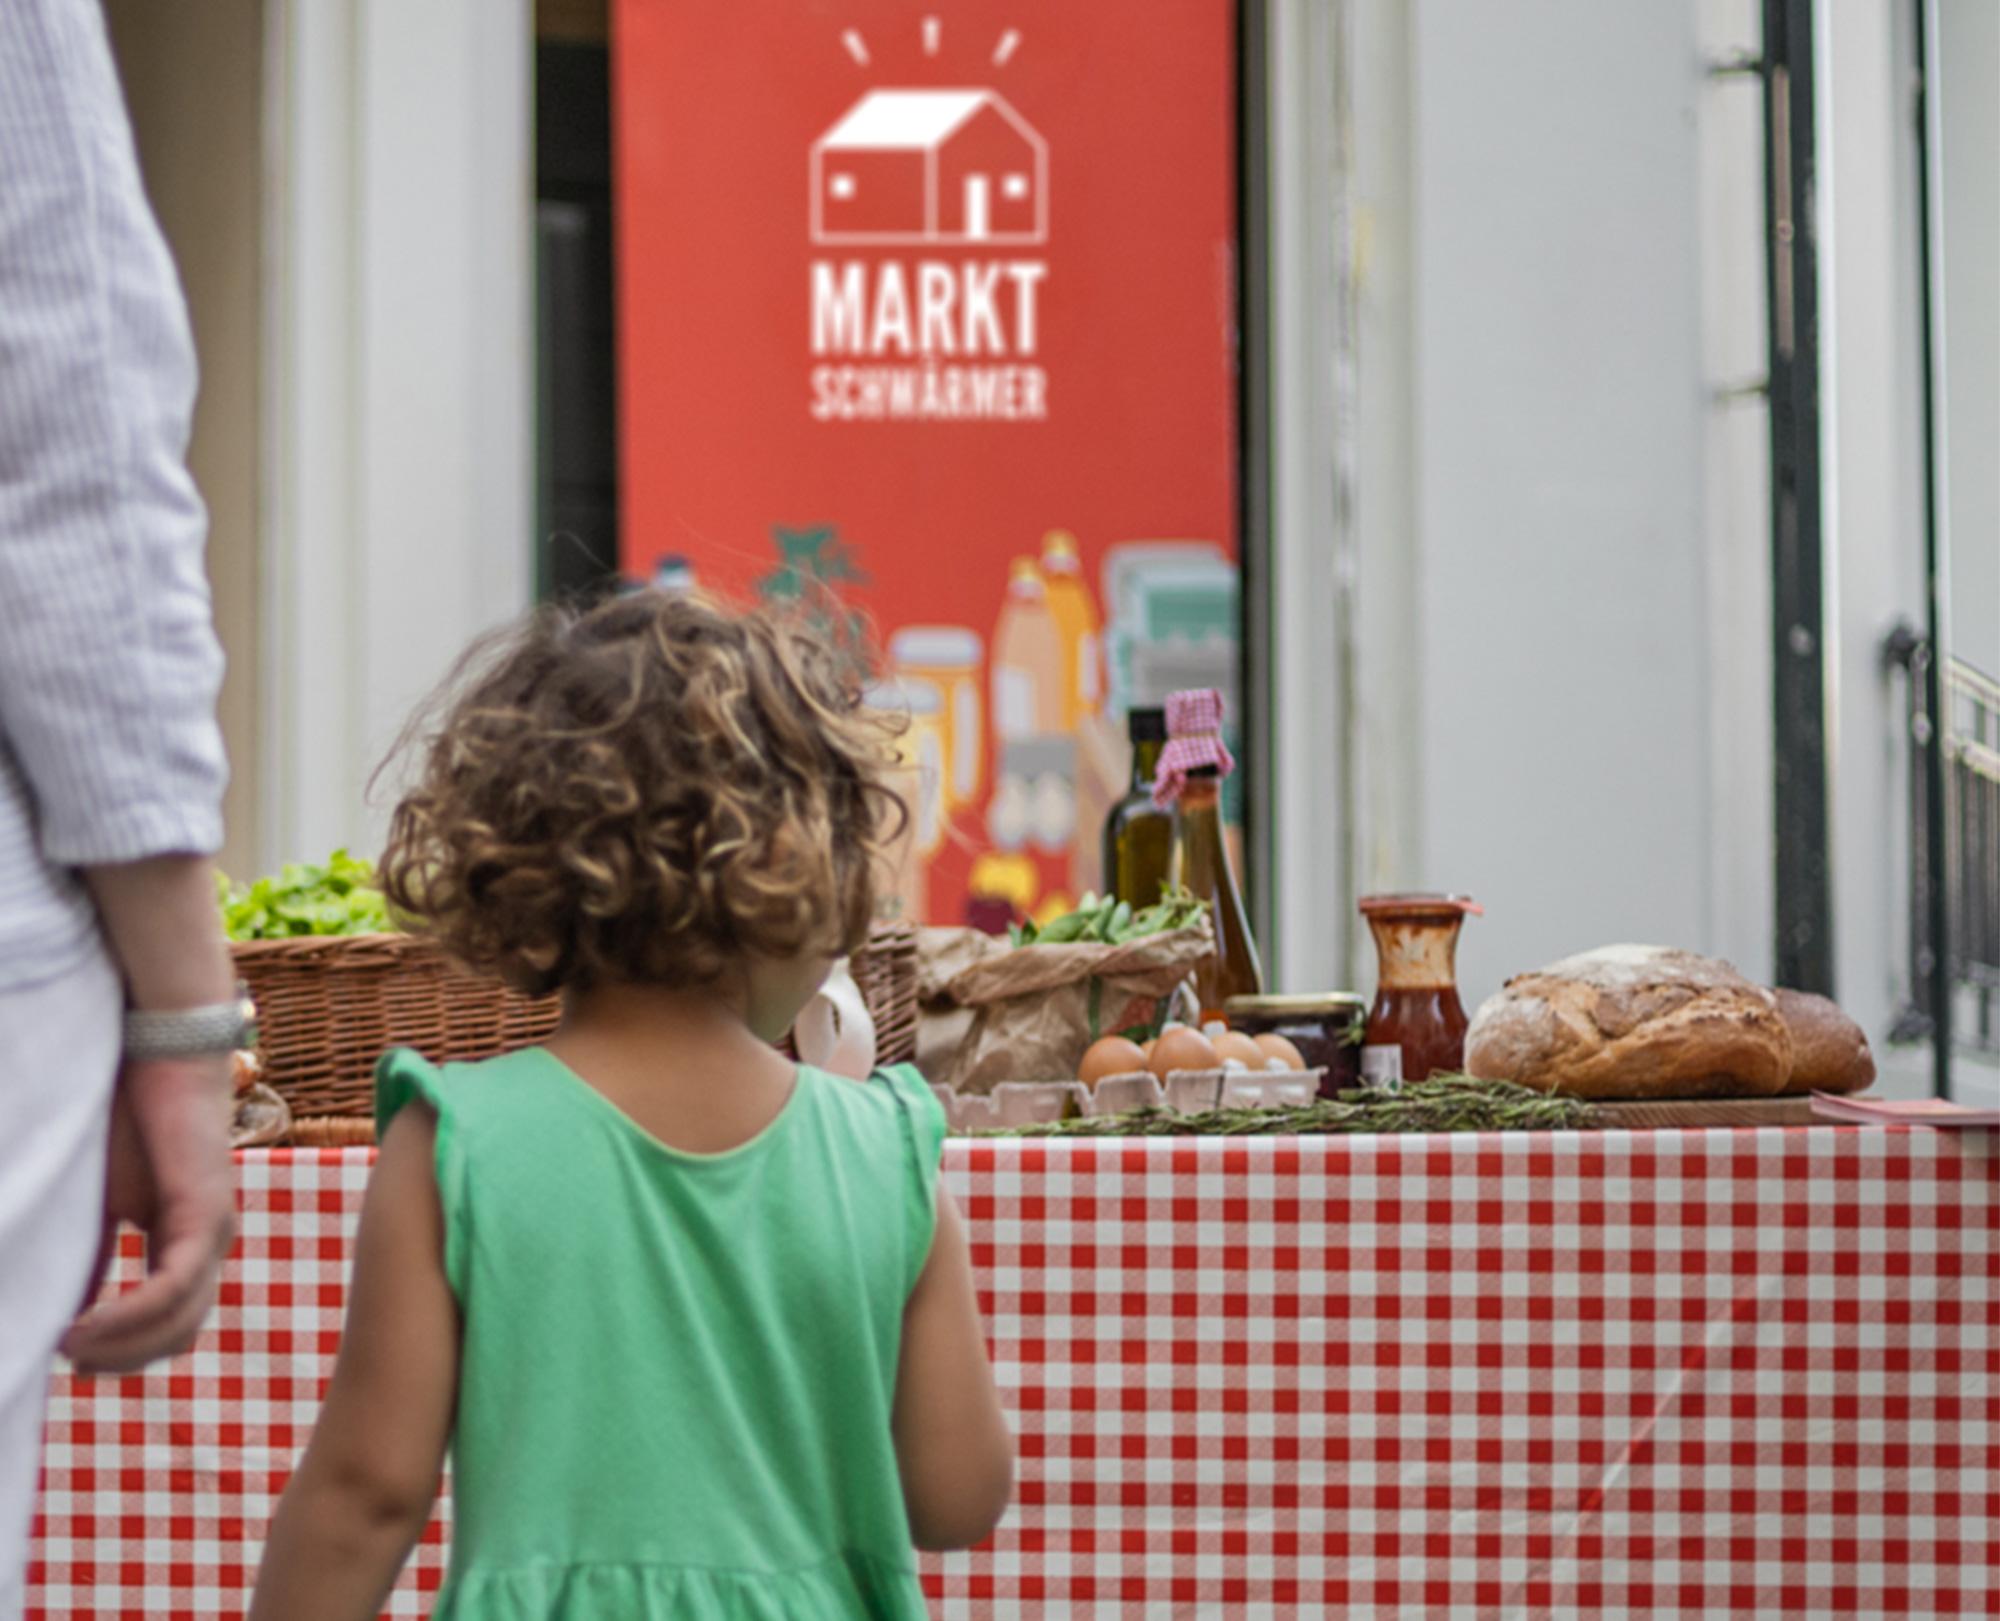 Der Besuch der Marktschwärmer Wochenmärkte ist ein Ereignis für Groß und Klein